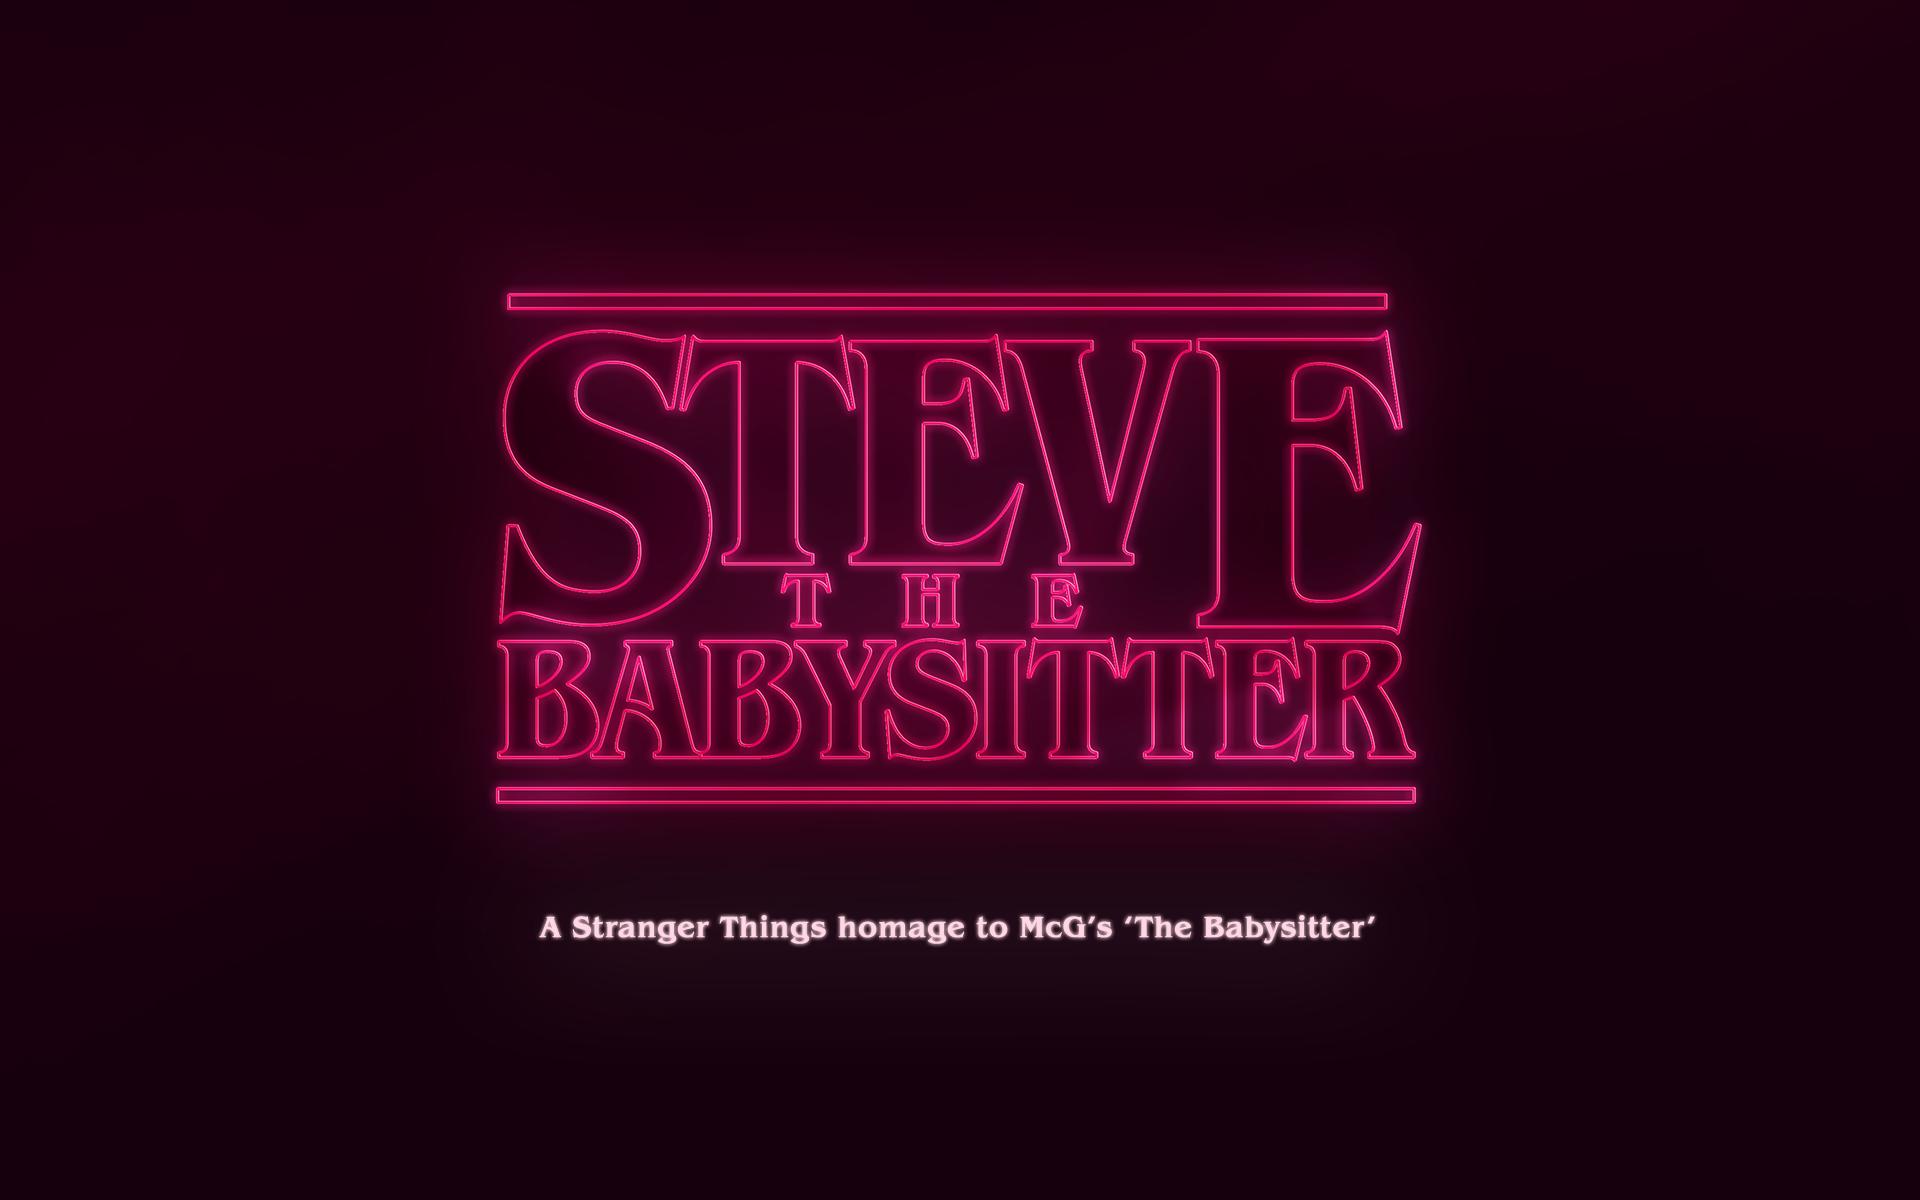 Steve The Babysitter On Behance